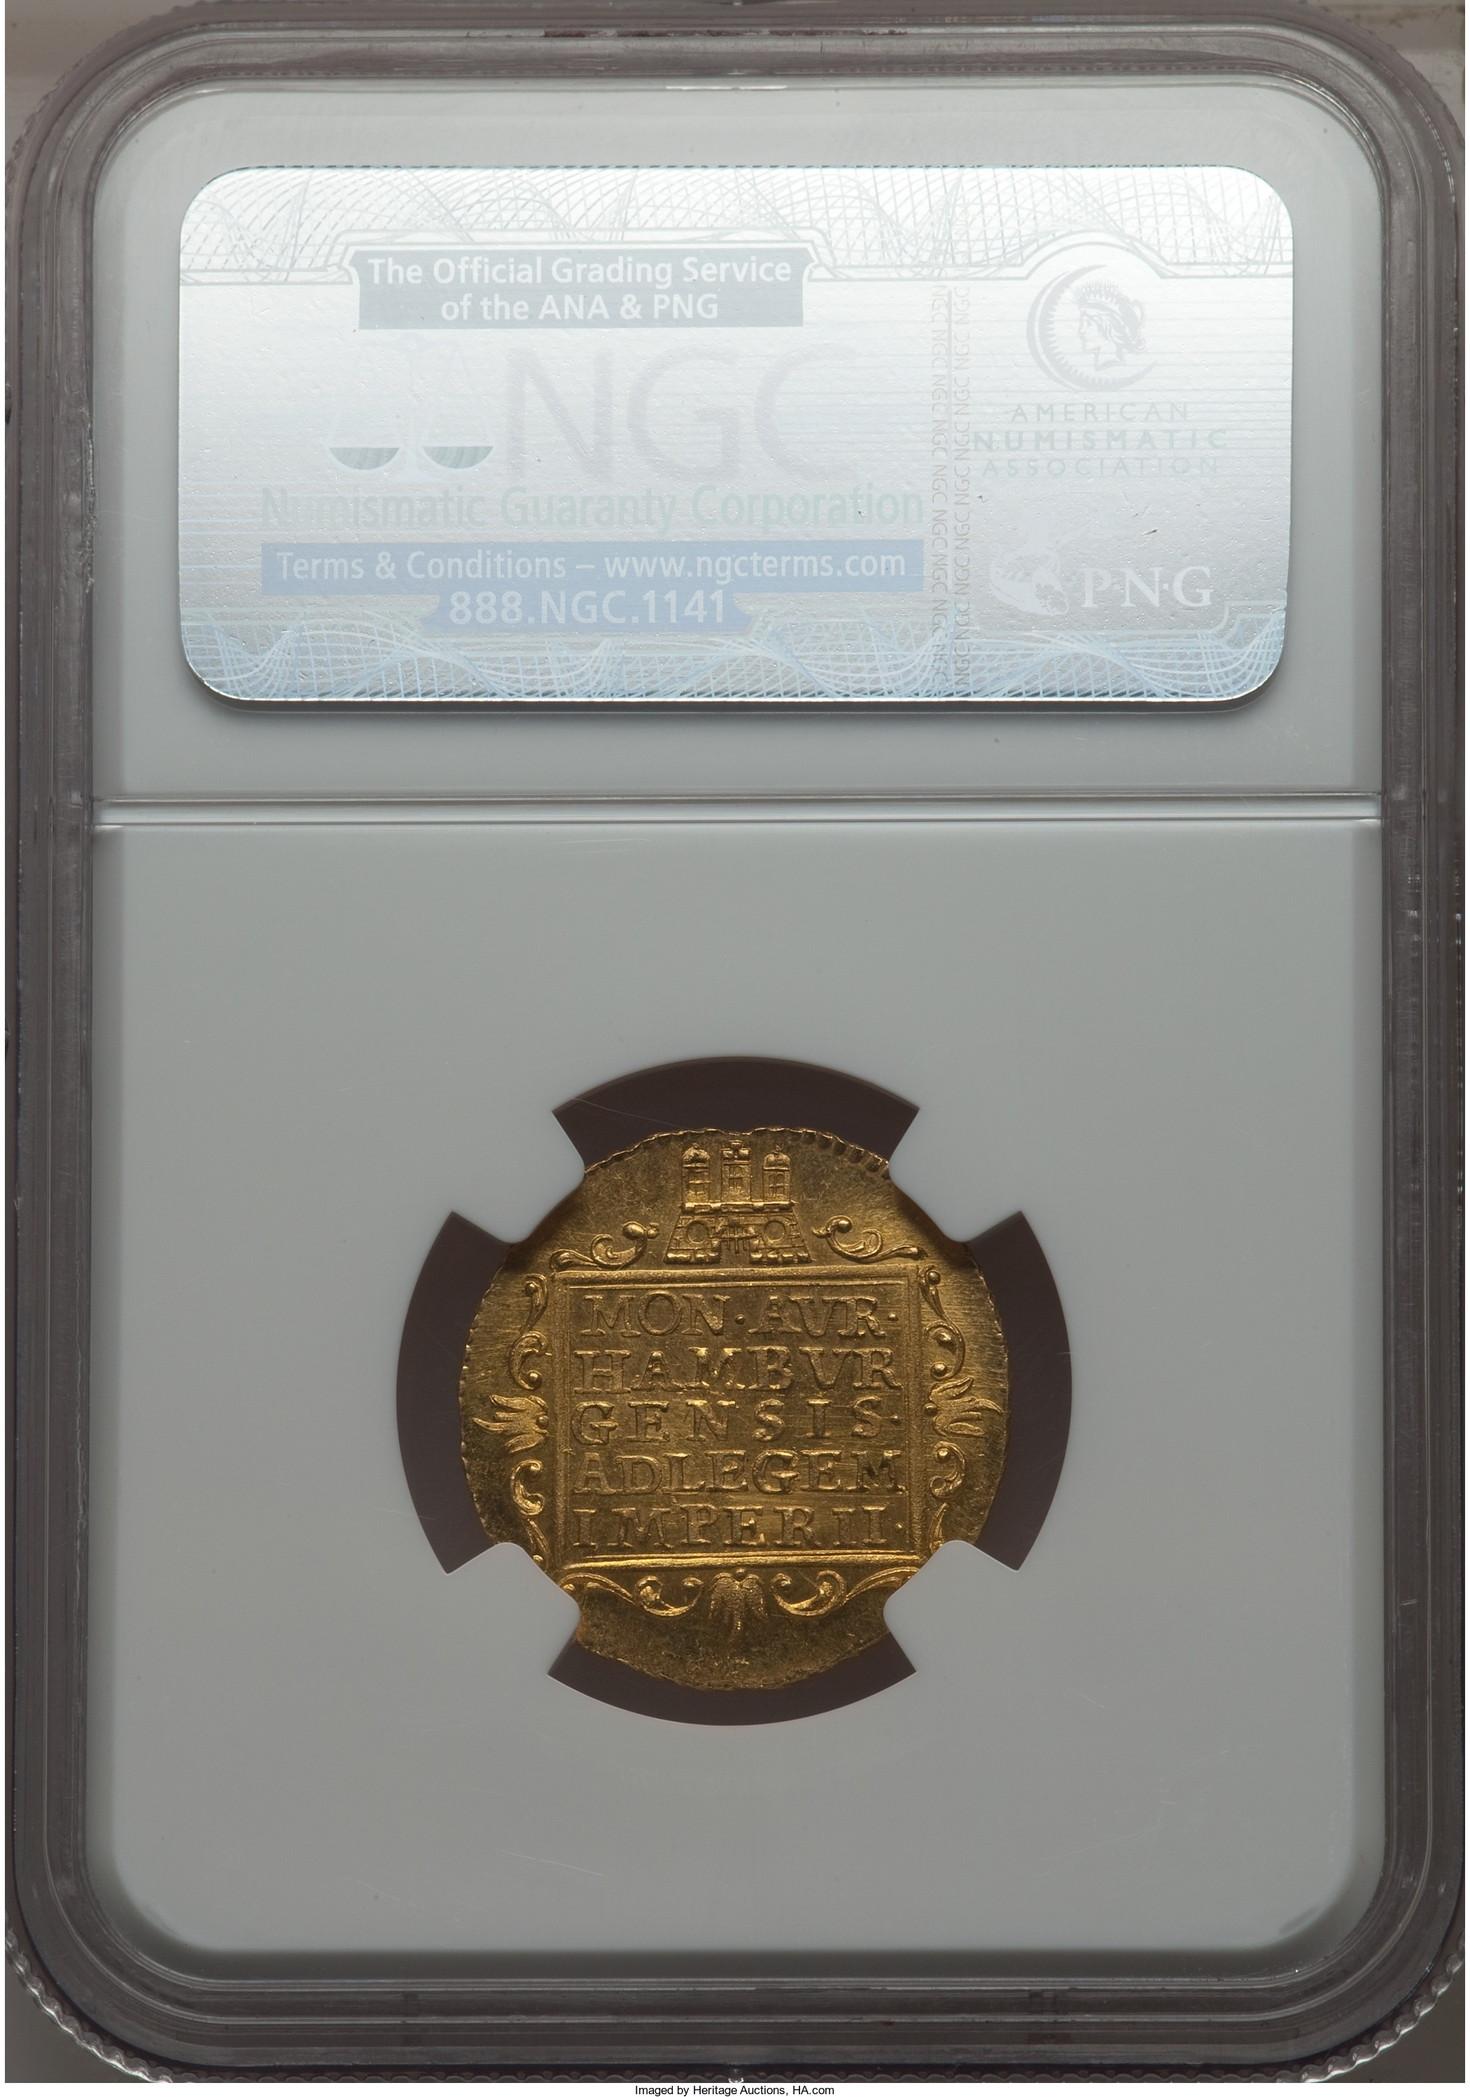 【動画あり】【トップグレード残存1枚】ドイツ1ダカット金貨 Hamburg. Free City gold Ducat 1787 MS66 NGC